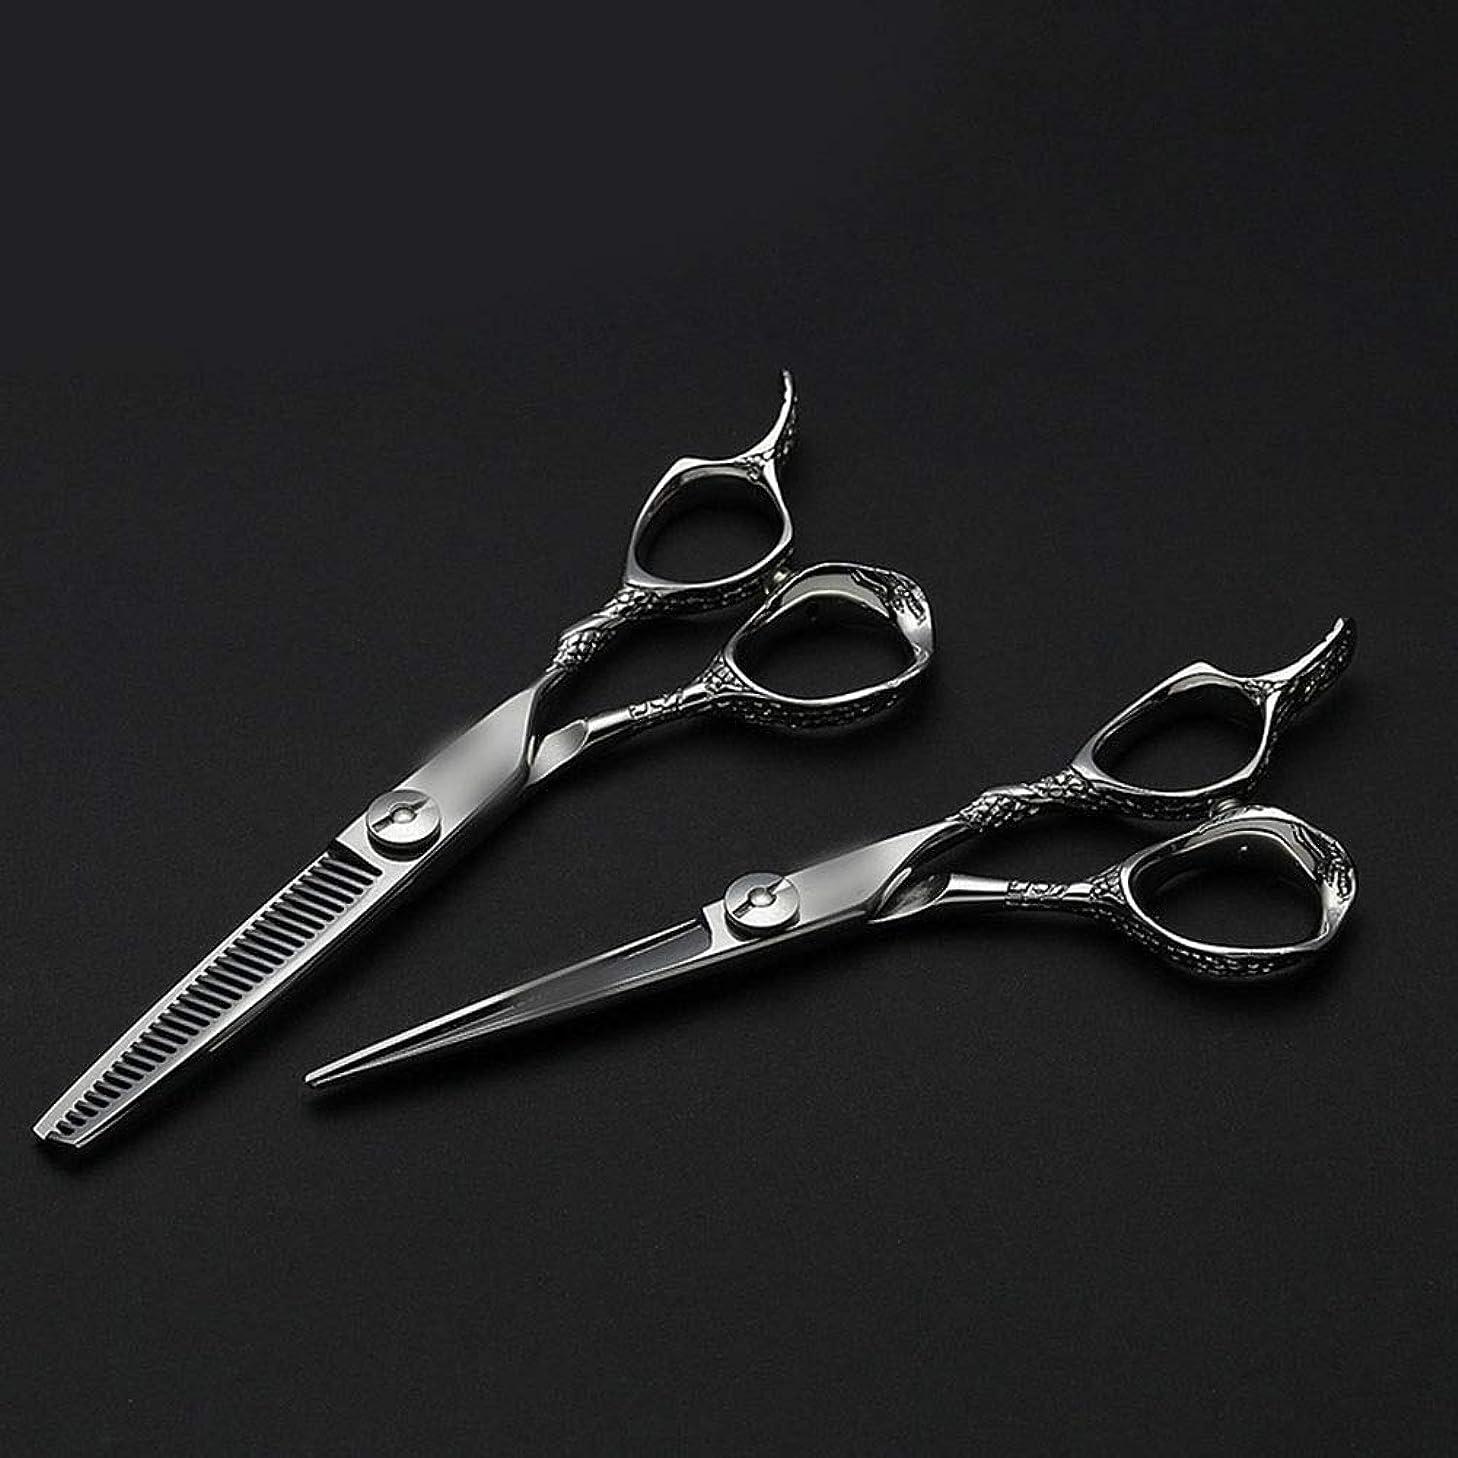 水星患者競争5.5インチプロフェッショナル理髪セット、440Cドラゴンハンドルカットプロフェッショナルヘアカットフラット+歯はさみセット モデリングツール (色 : Silver)